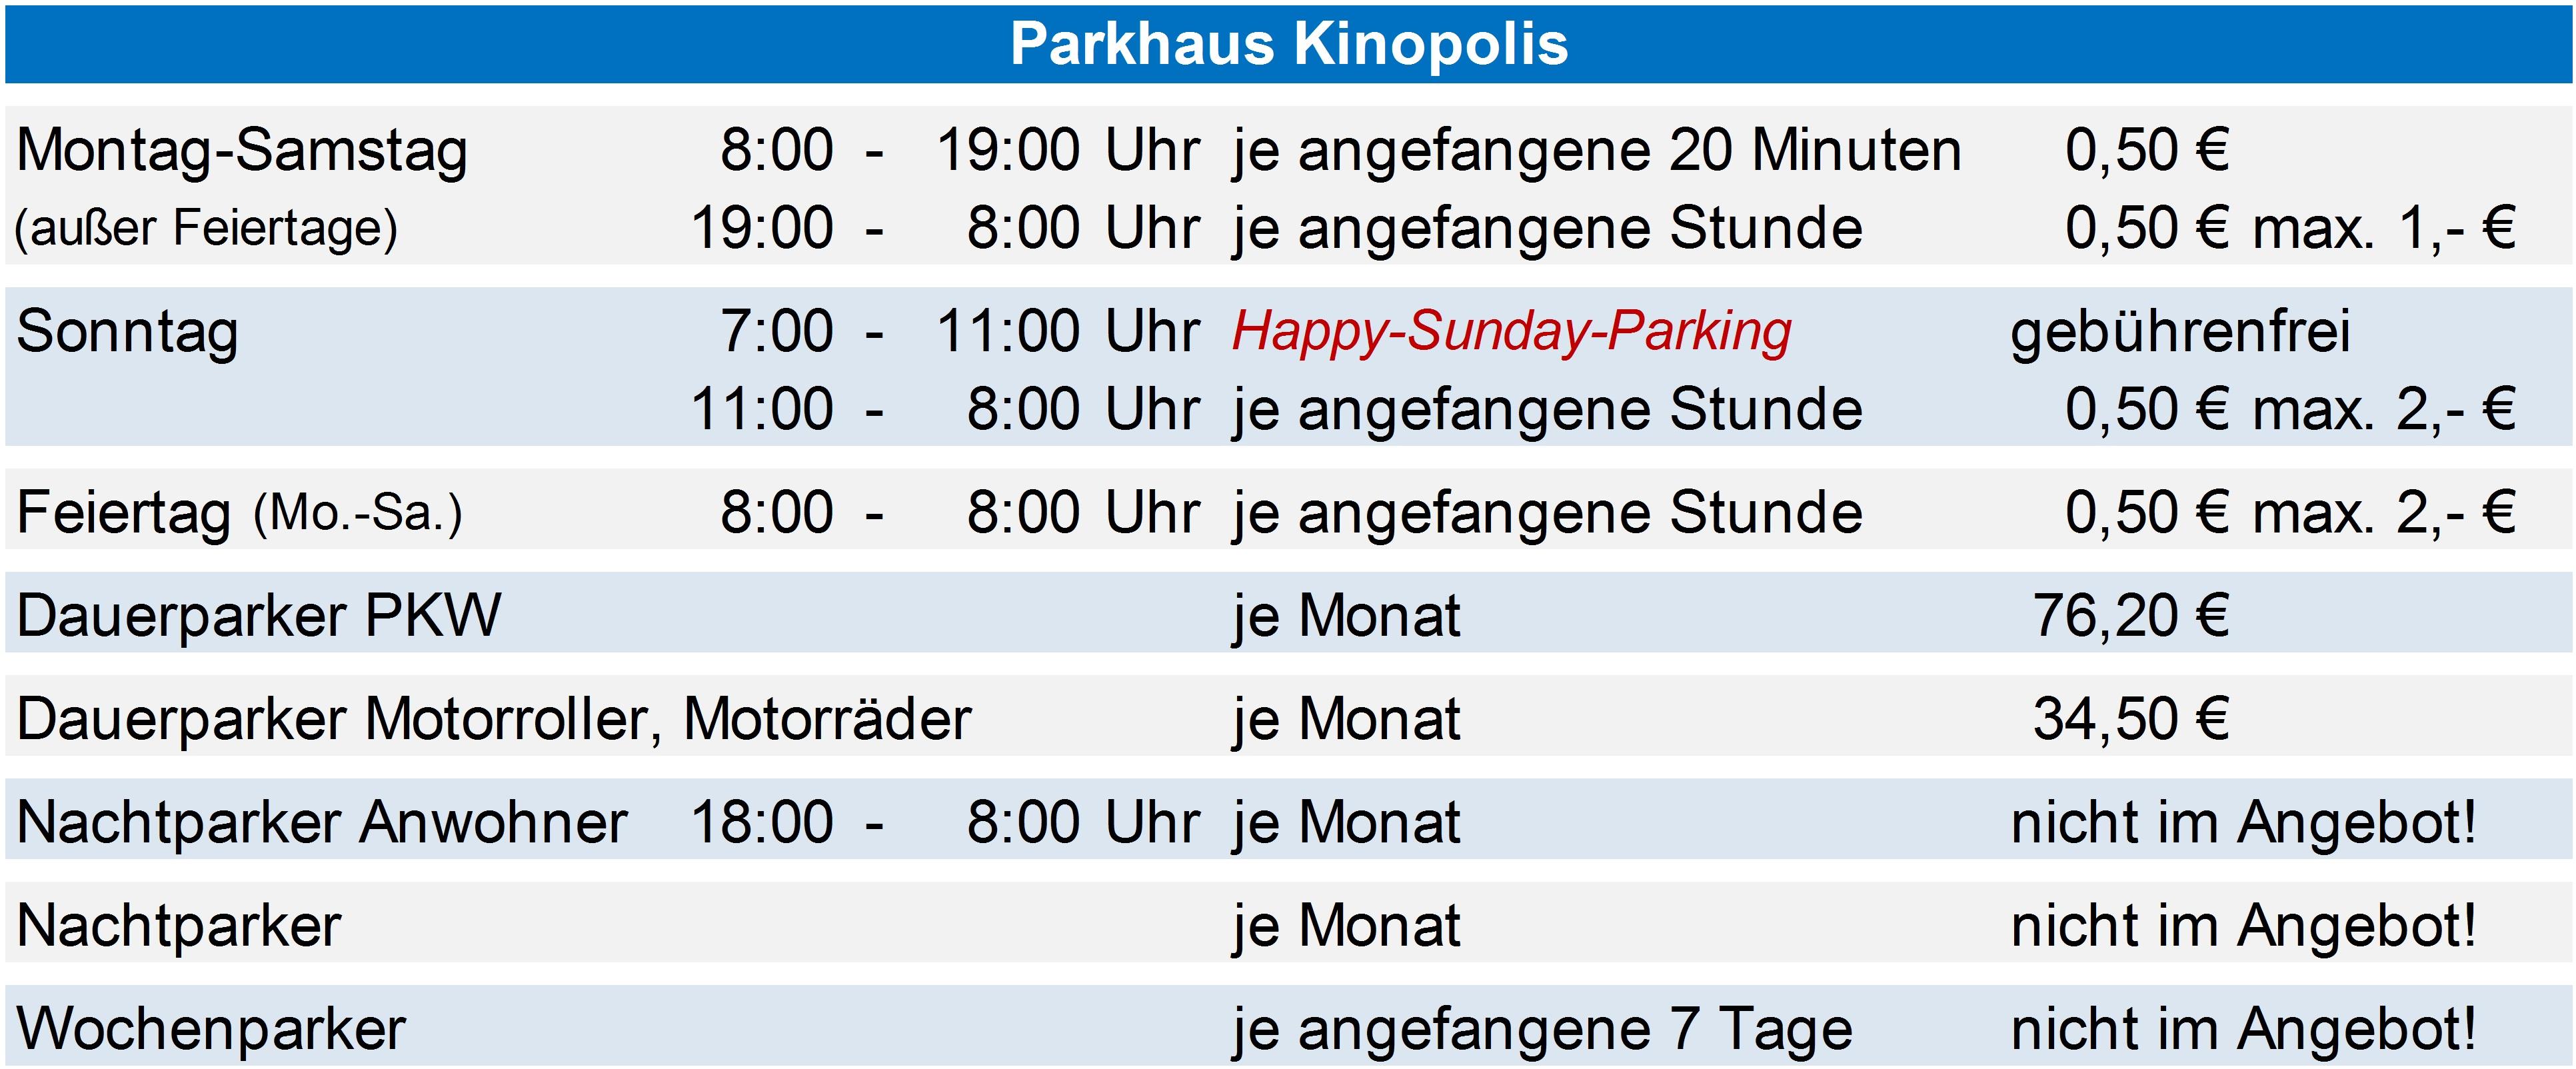 Preise PH Kinopolis ab 01.09.2018